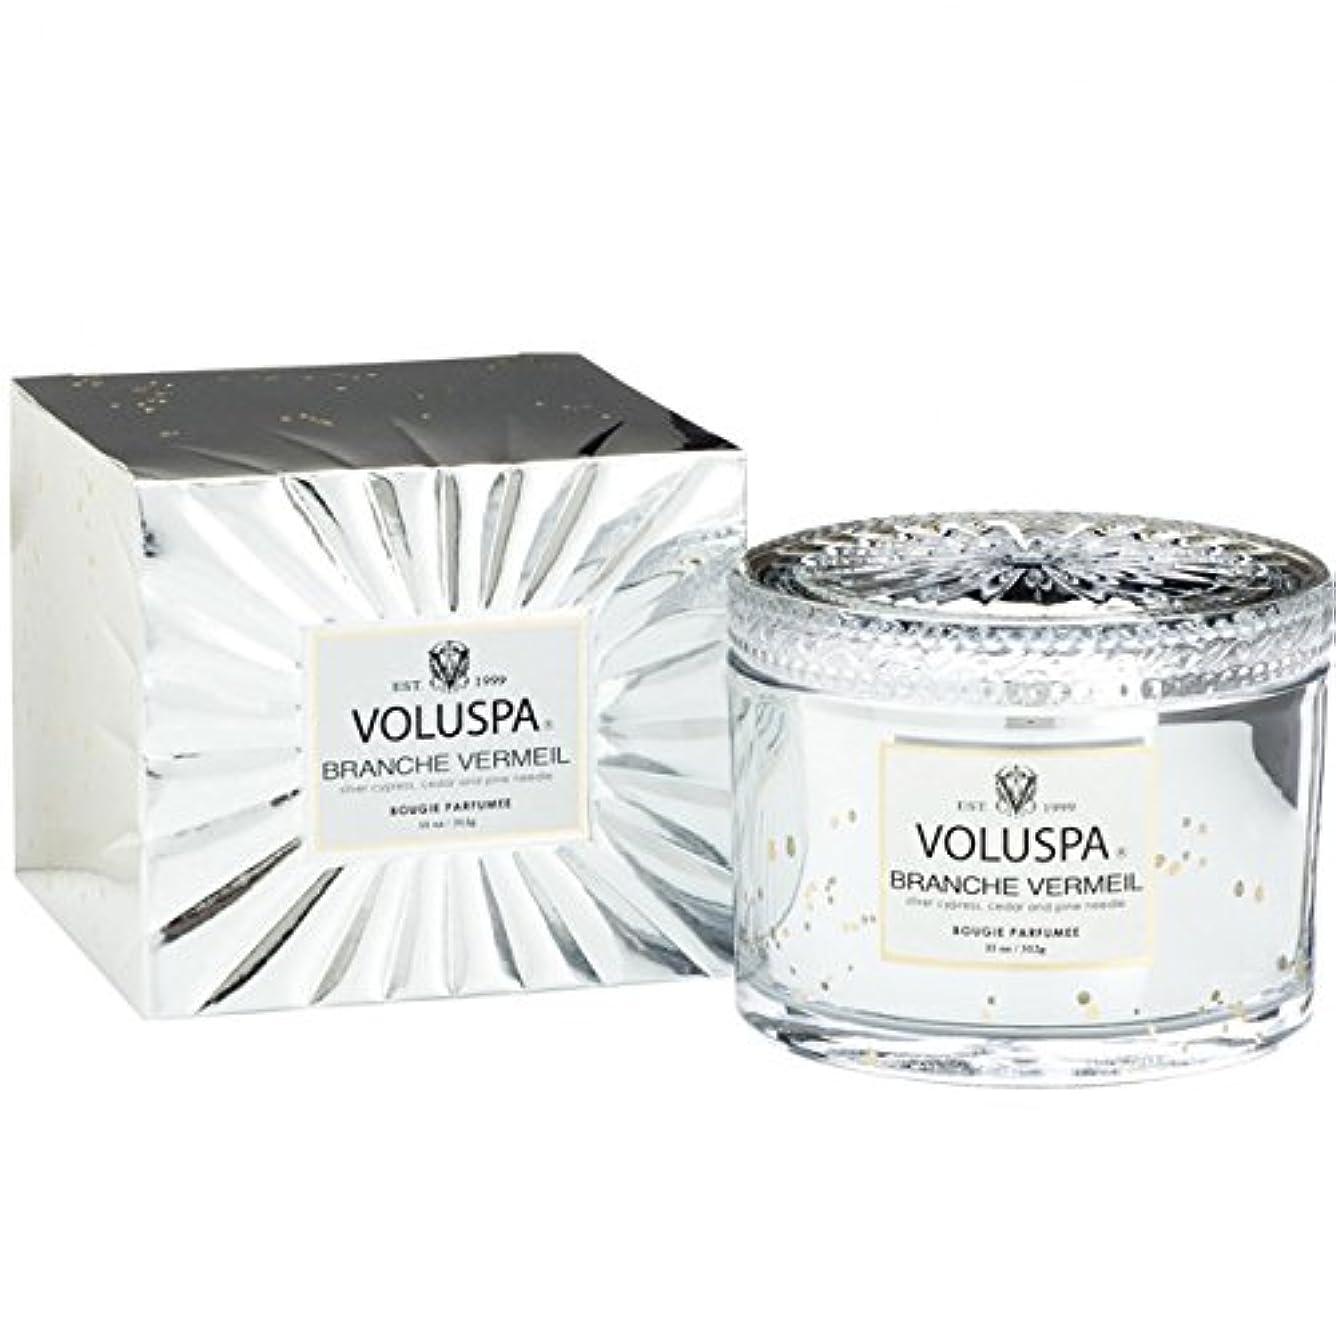 第意気込み落ち着くVoluspa ボルスパ ヴァーメイル ボックス入り グラスキャンドル フ?ランチヴァーメイル BRANCHE VERMEIL VERMEIL BOX Glass Candle